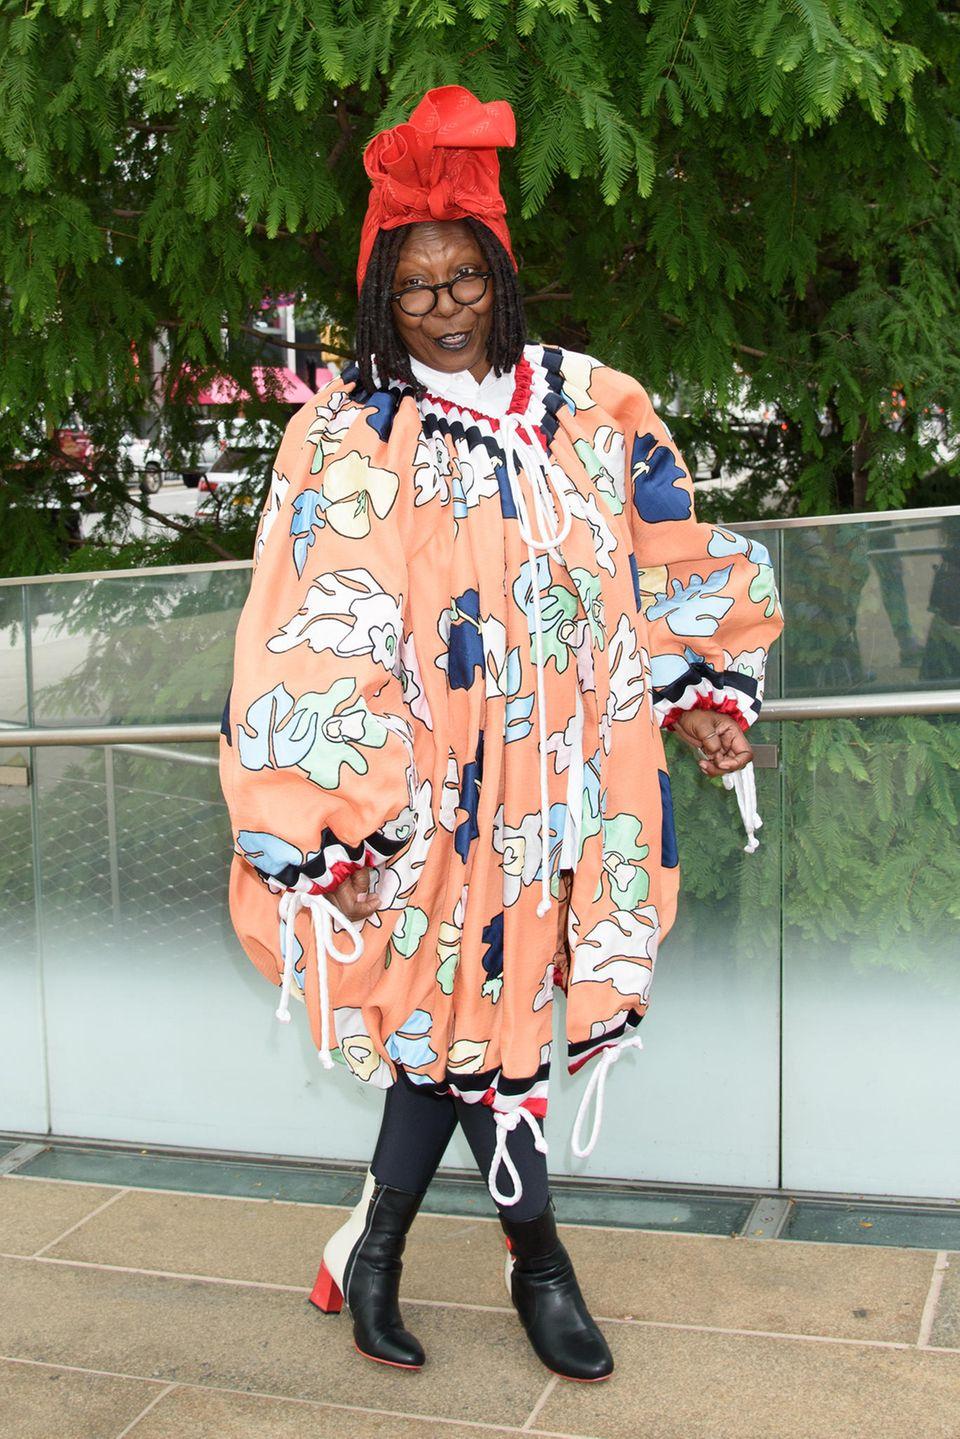 """6. September 2017  Beim """"Couture Council Award Luncheon"""" in New York geht es heiß her in der Welt der Mode. Dass dabei der Spaß nicht verloren geht, dafür sorgt Whoopi Goldberg. DieComedy-Legende zaubert mit einem für sie gewöhnlich ungewöhnlichen Outfit ein Lächeln in die Gesichter der Fashionwelt."""